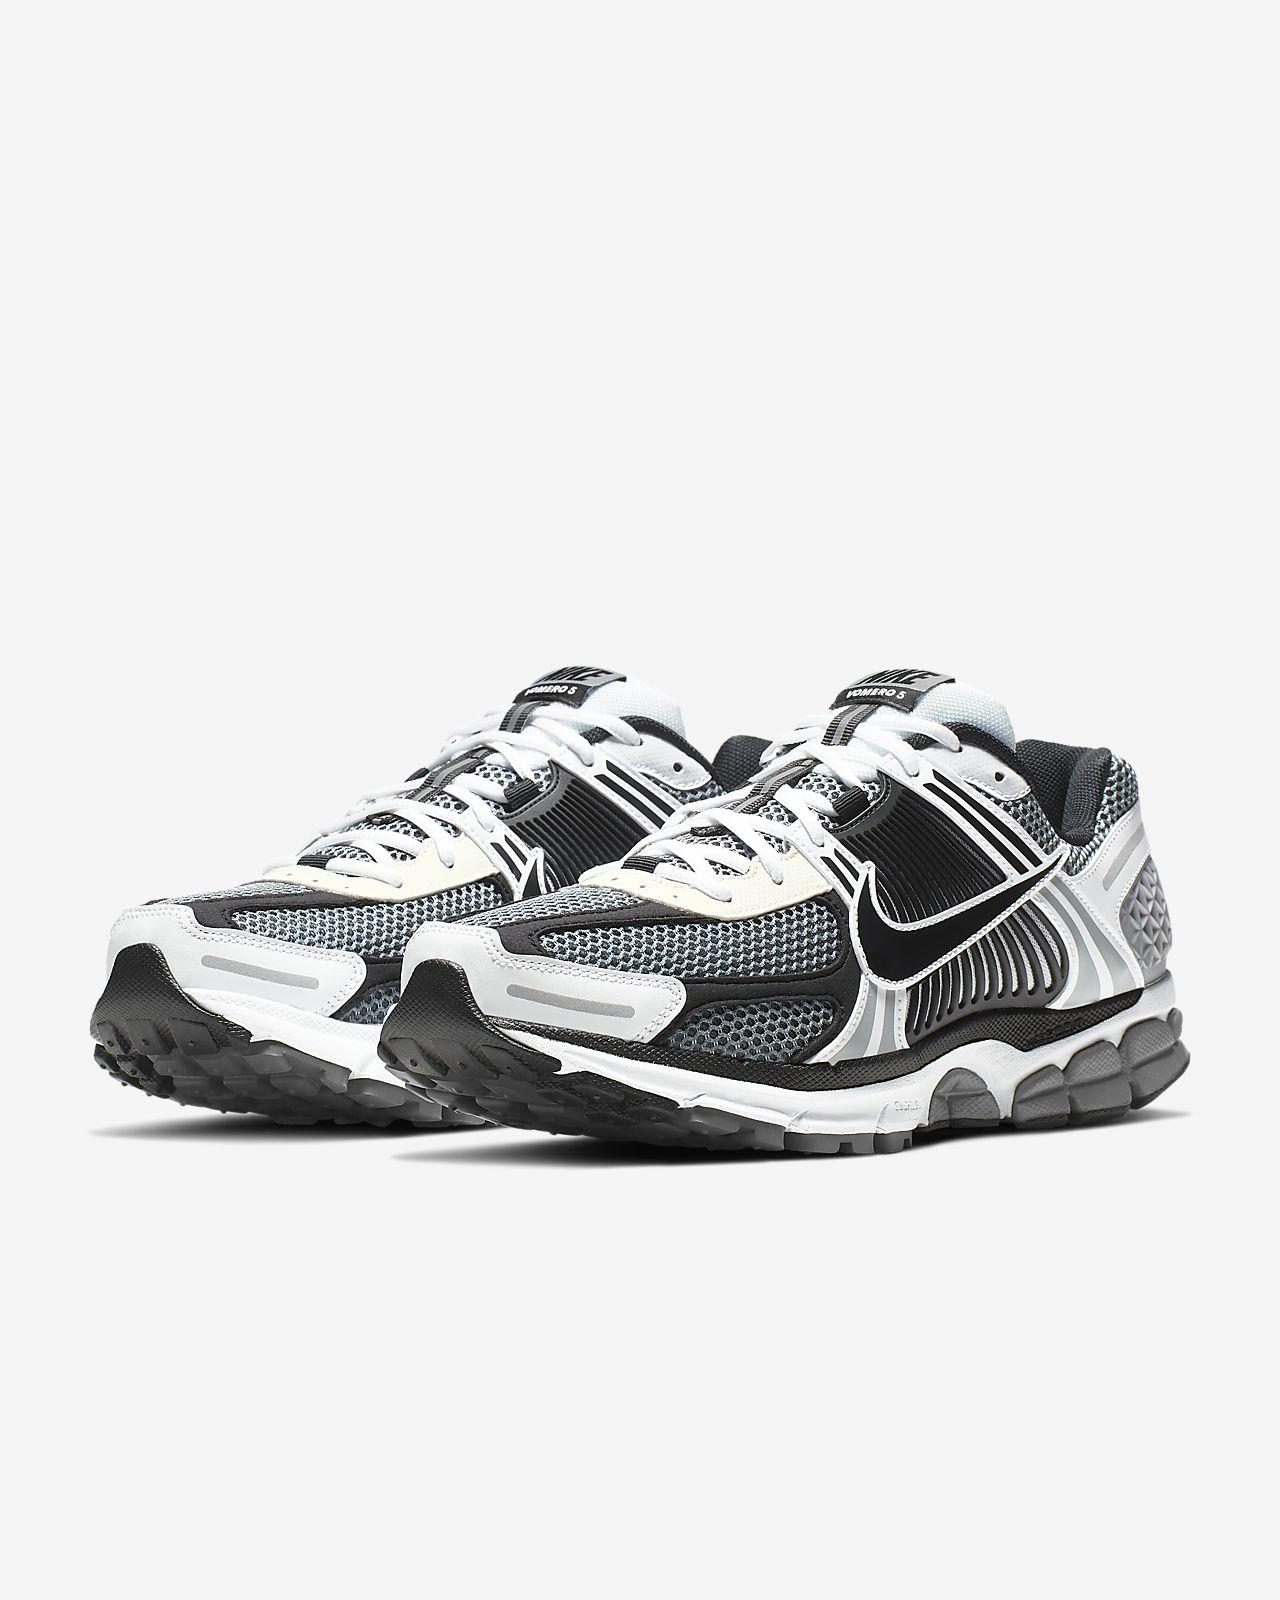 Sapatilhas Nike Zoom Vomero 5 SE SP para homem